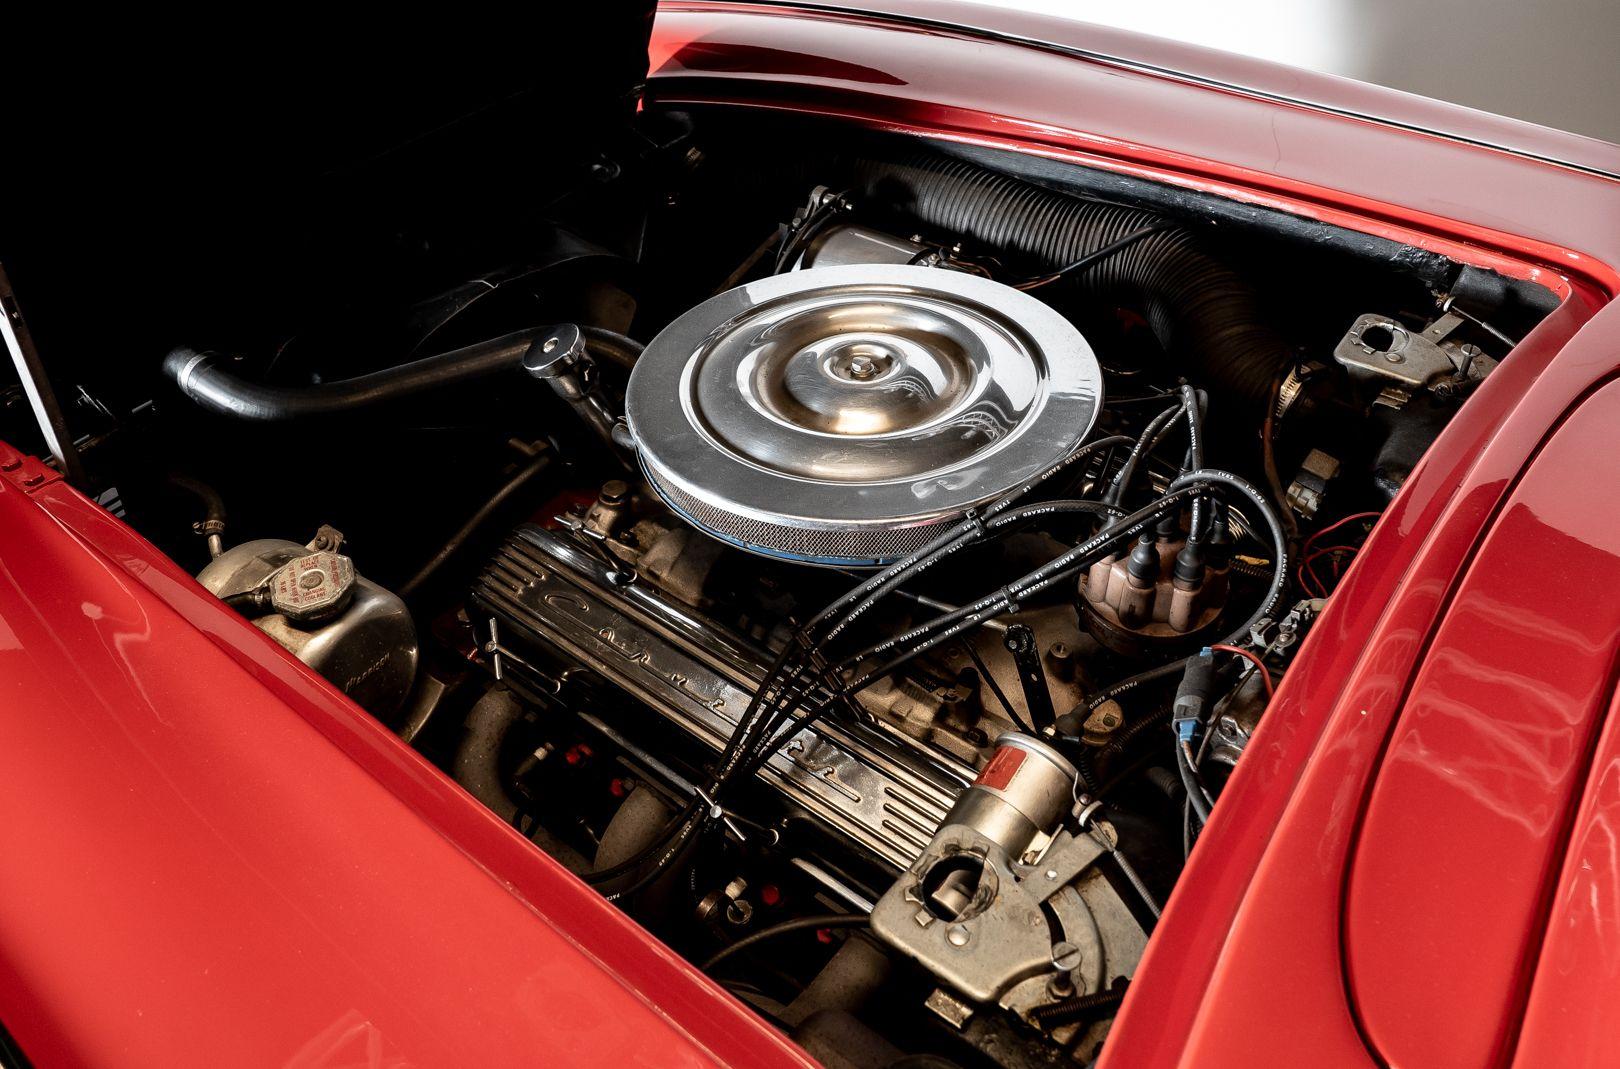 1962 CHEVROLET CORVETTE C1 56537